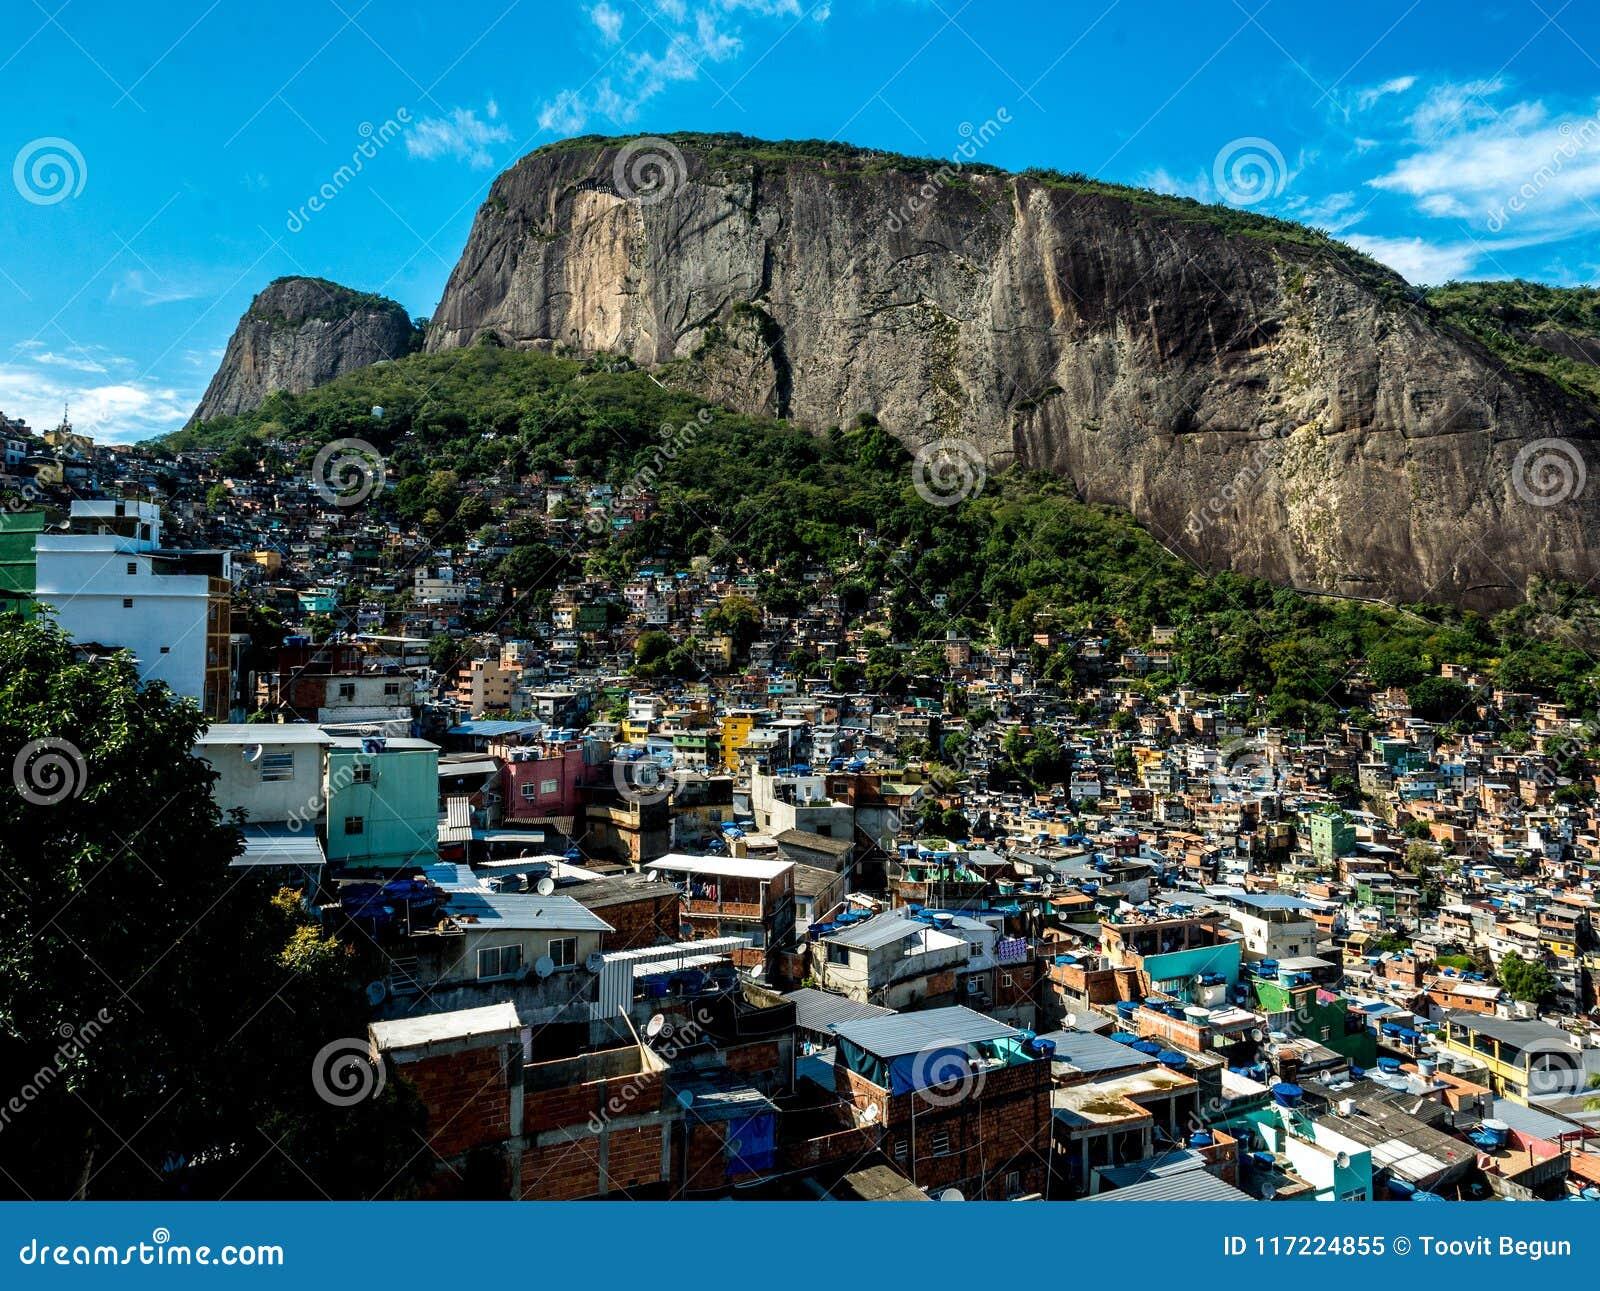 Una opinión del paisaje de un favela famoso del rocinha debajo de una roca en Rio de Janeiro, el Brasil